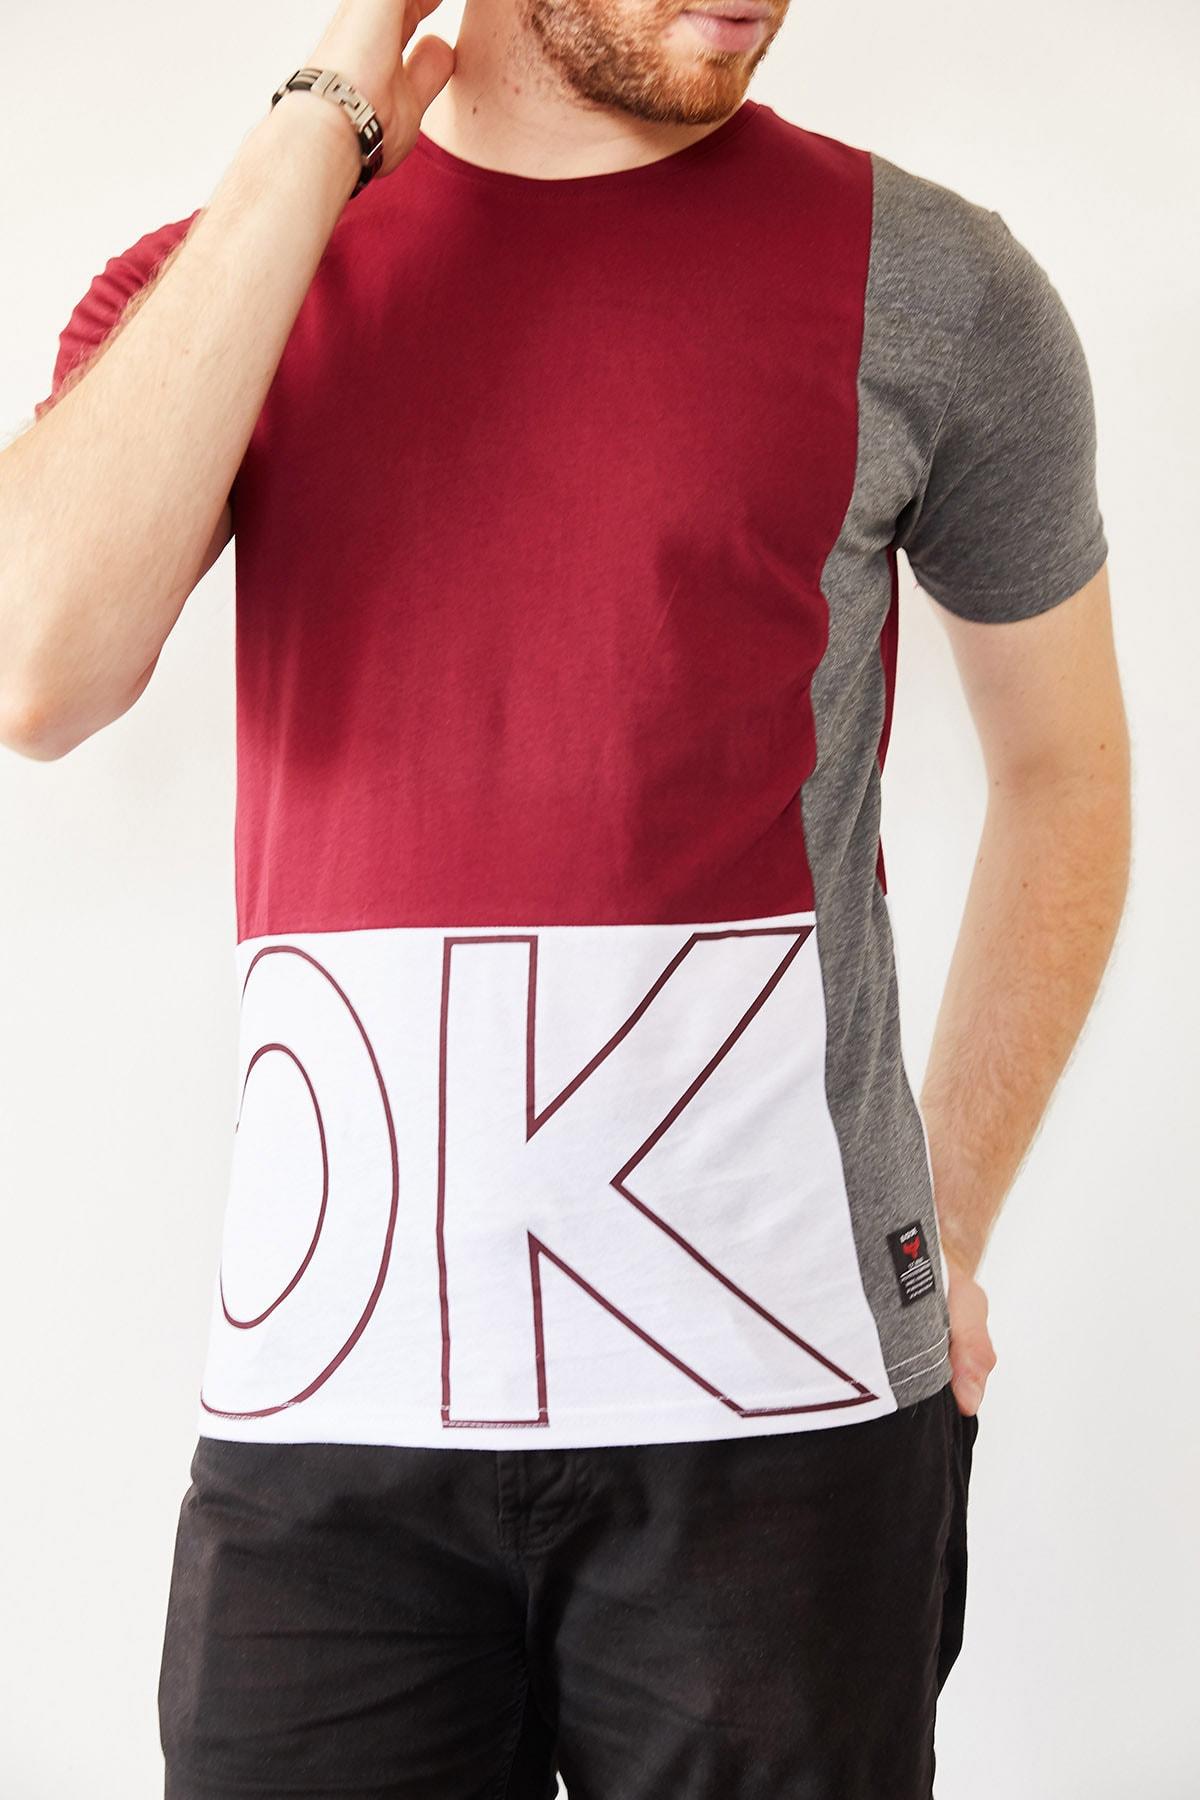 XHAN Erkek Bordo & Beyaz Baskılı T-shirt 0yxe1-44021-05 1